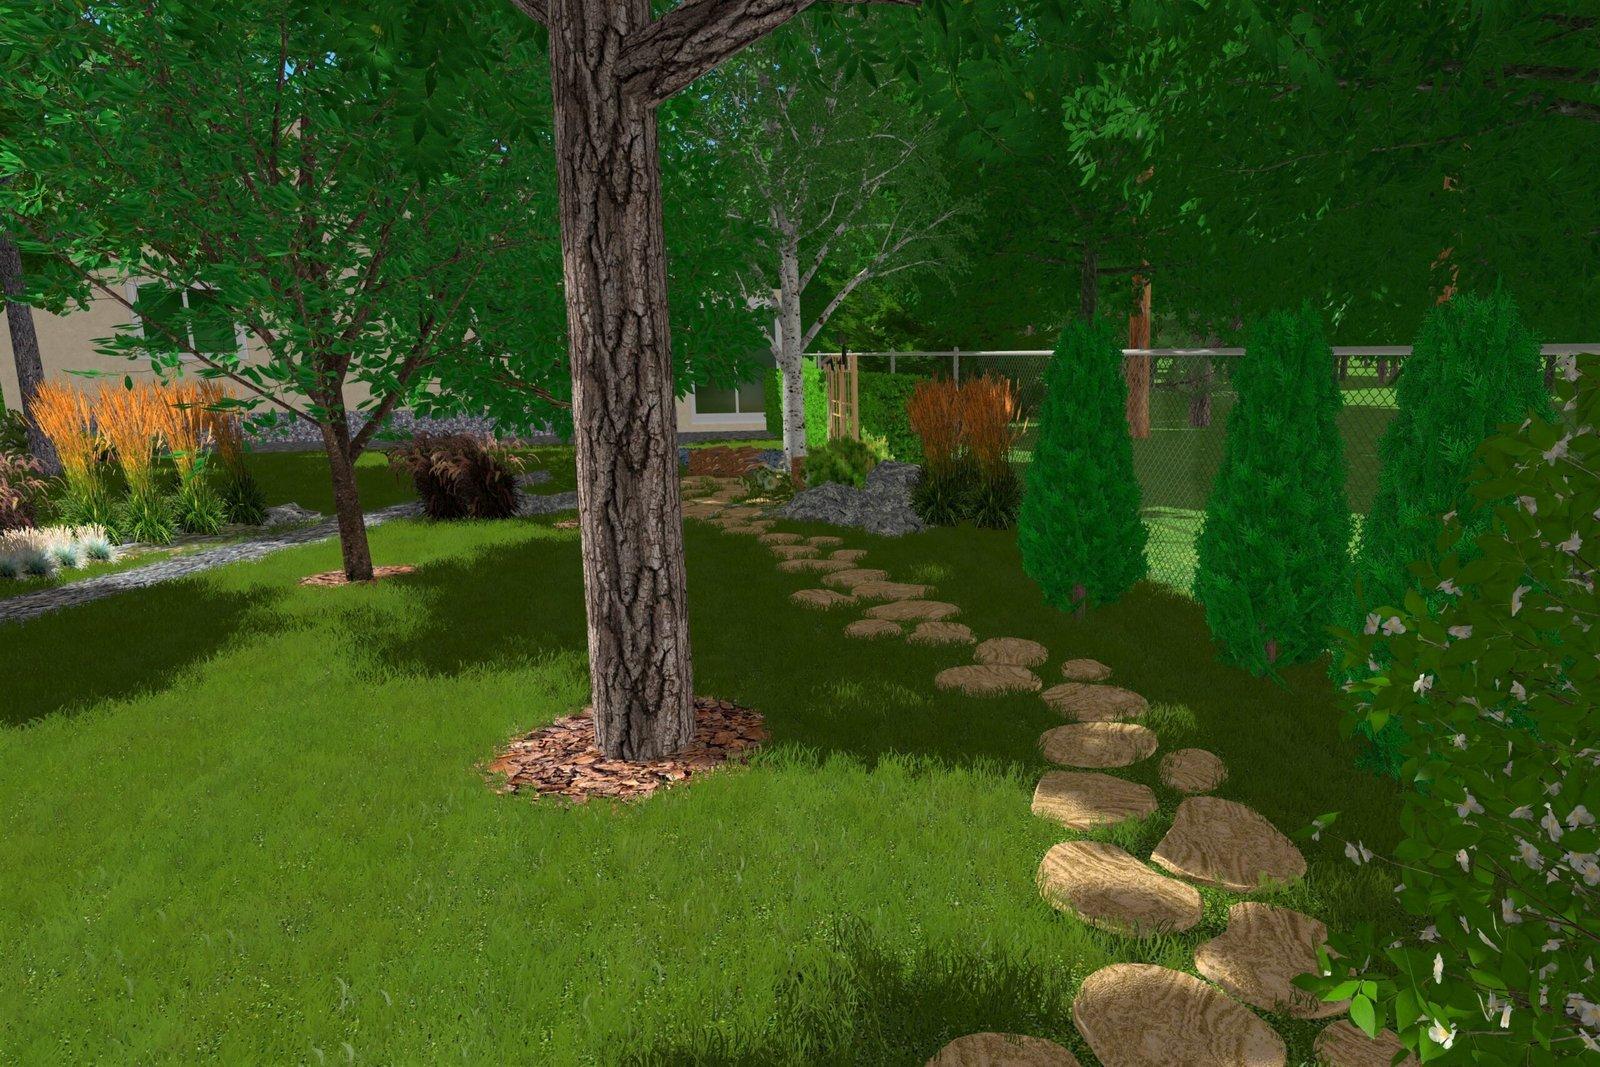 выбор растений и цветов, рост кустарников или цветов